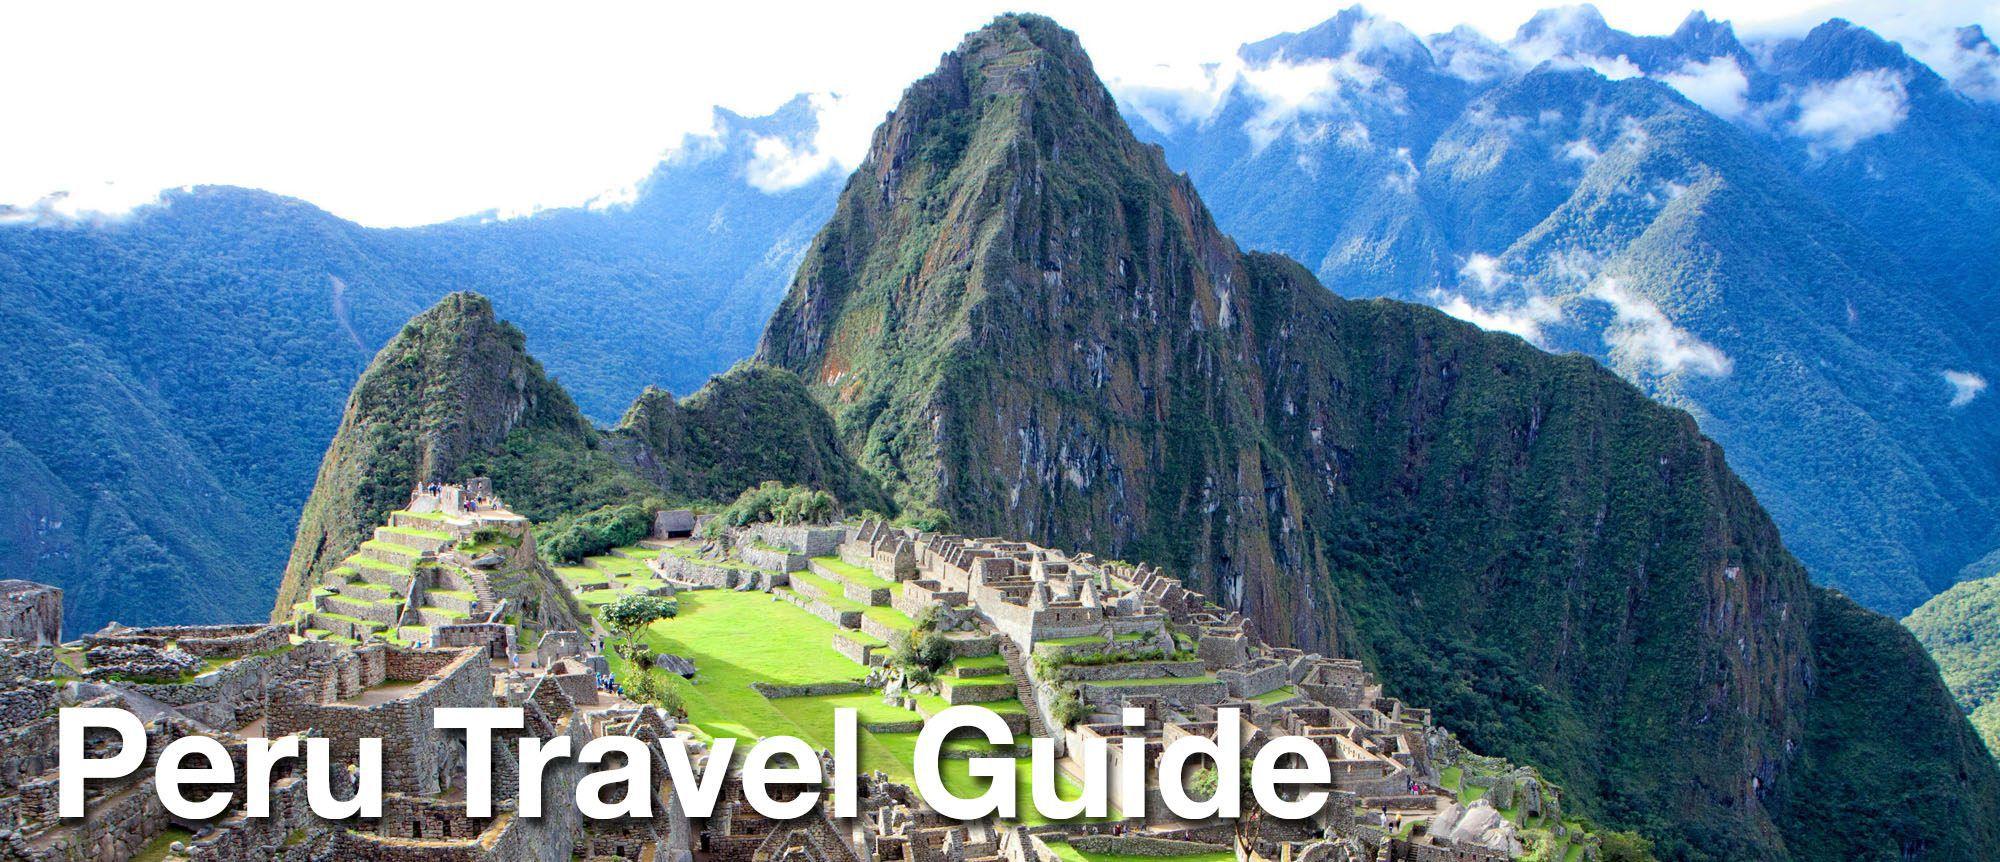 Peru Travel Guide